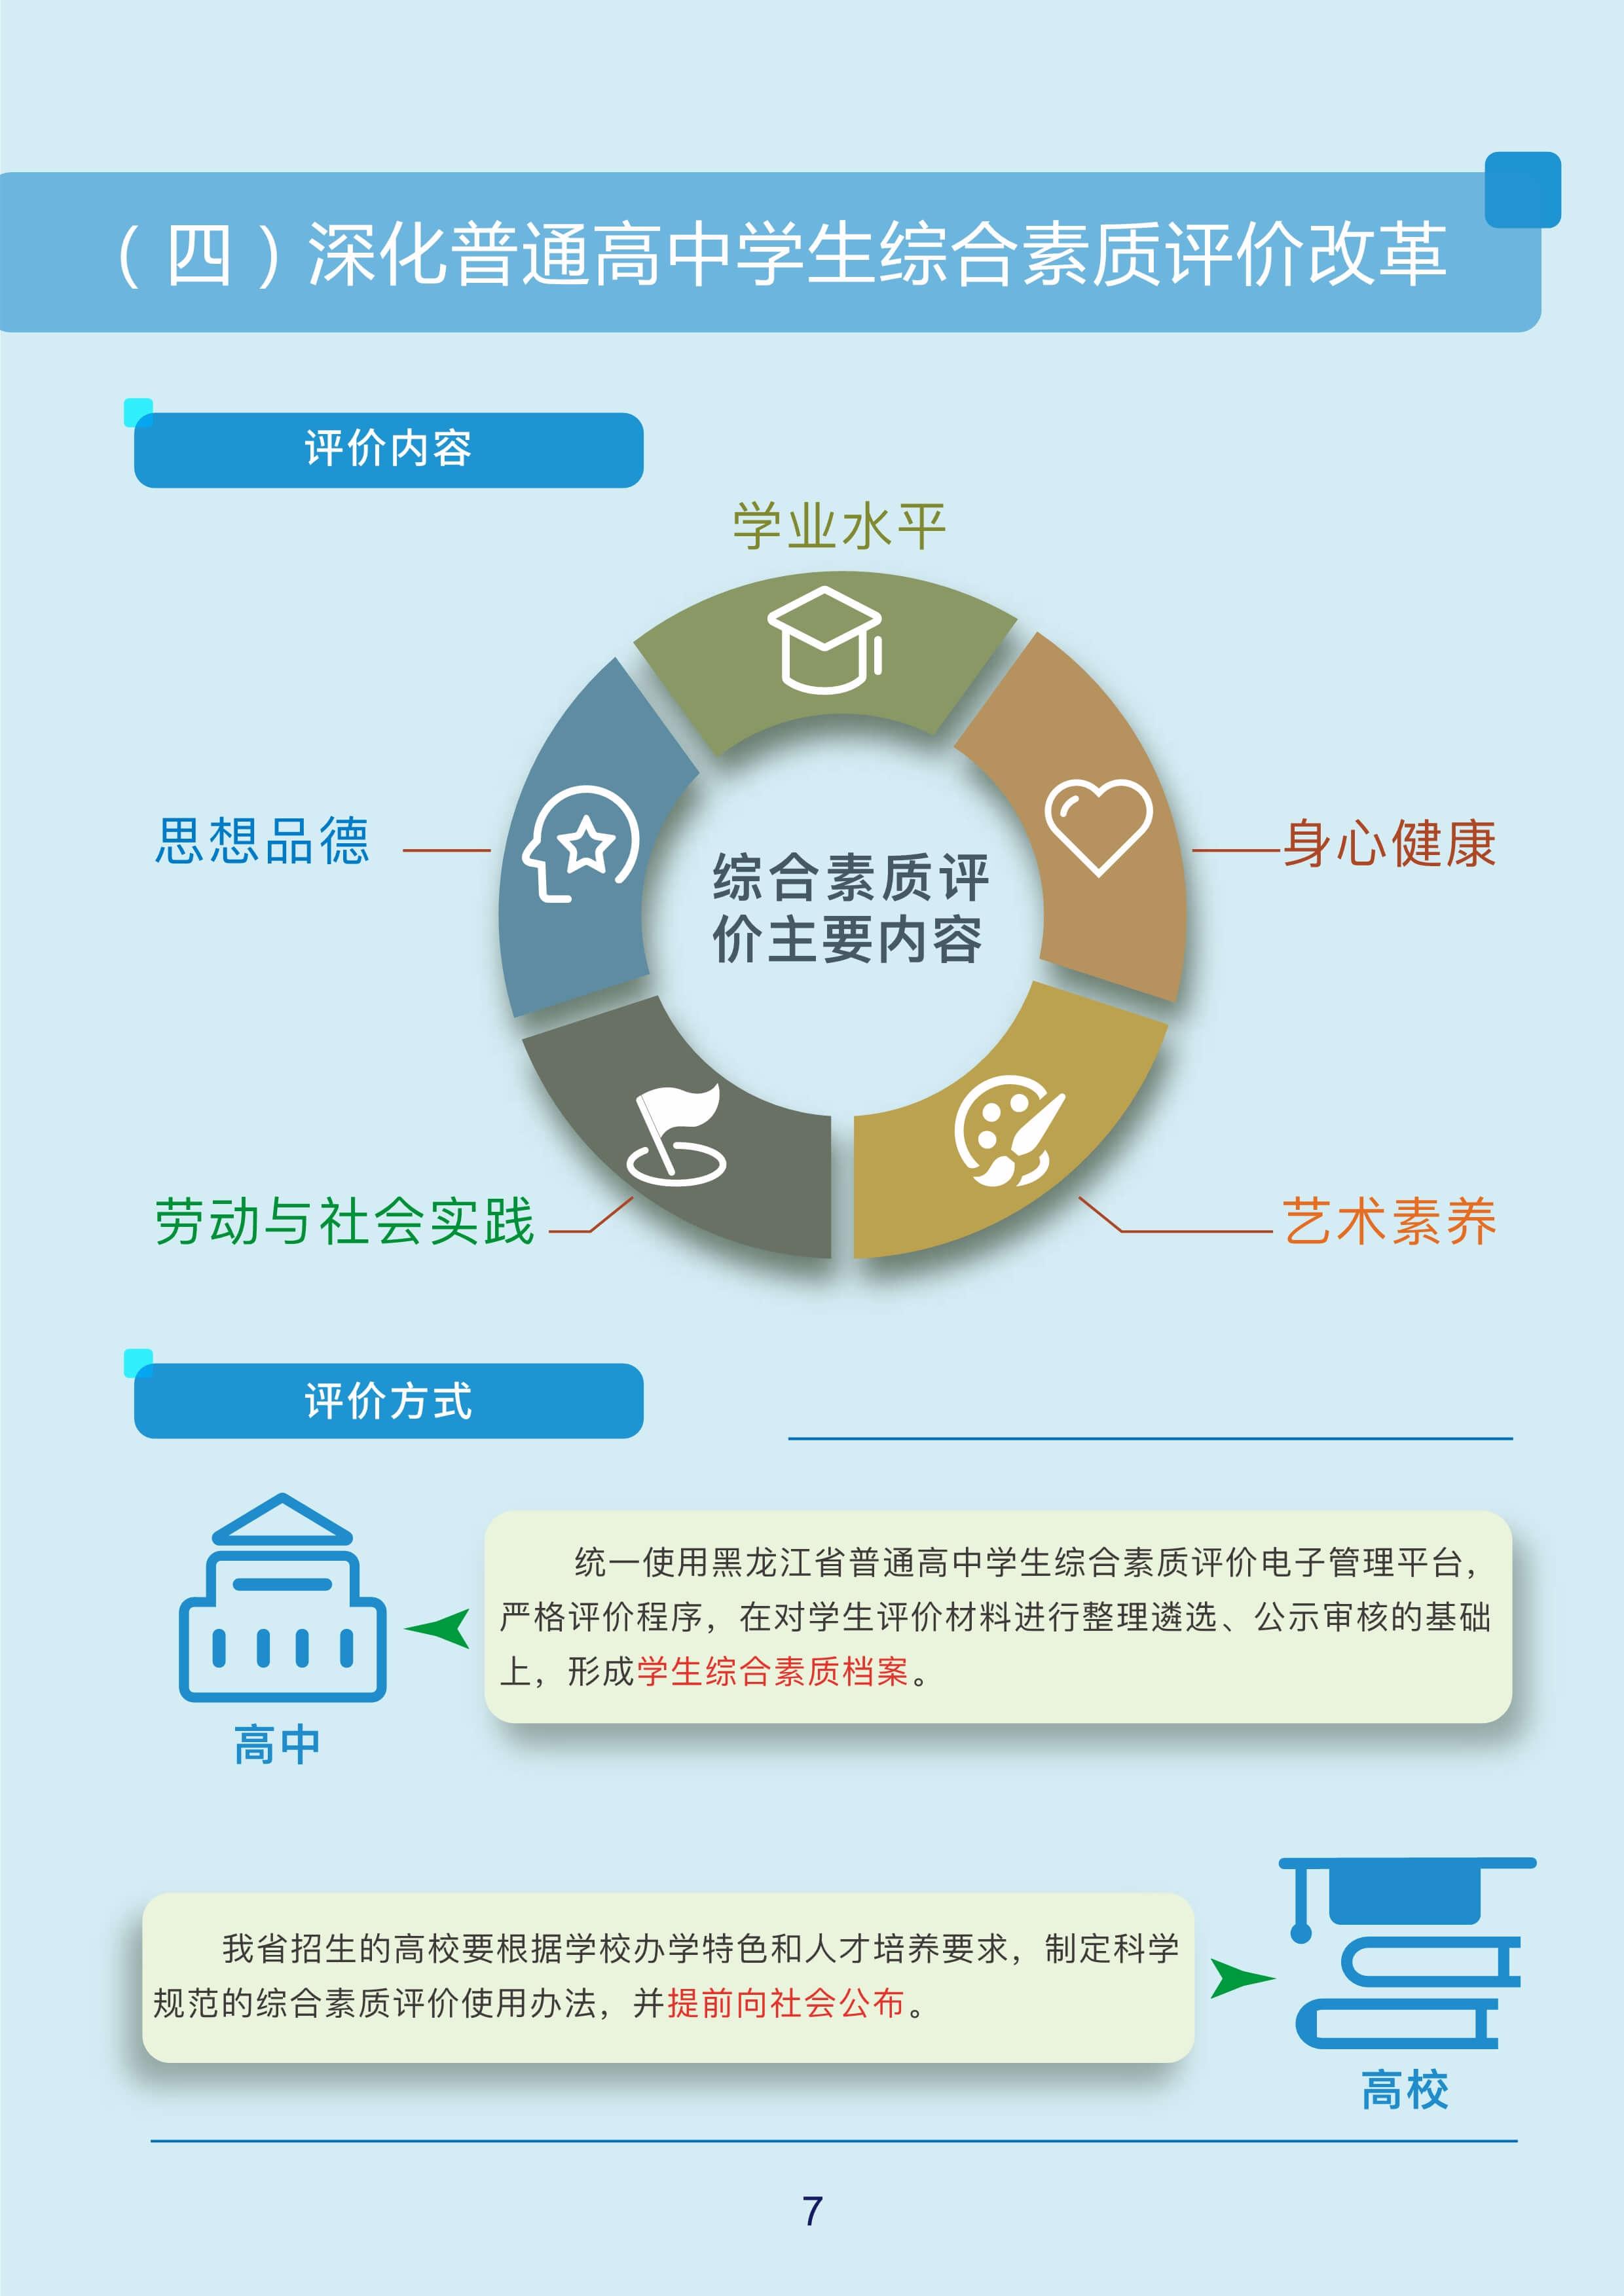 2022年黑龙江省高考综合改革实施方案图解